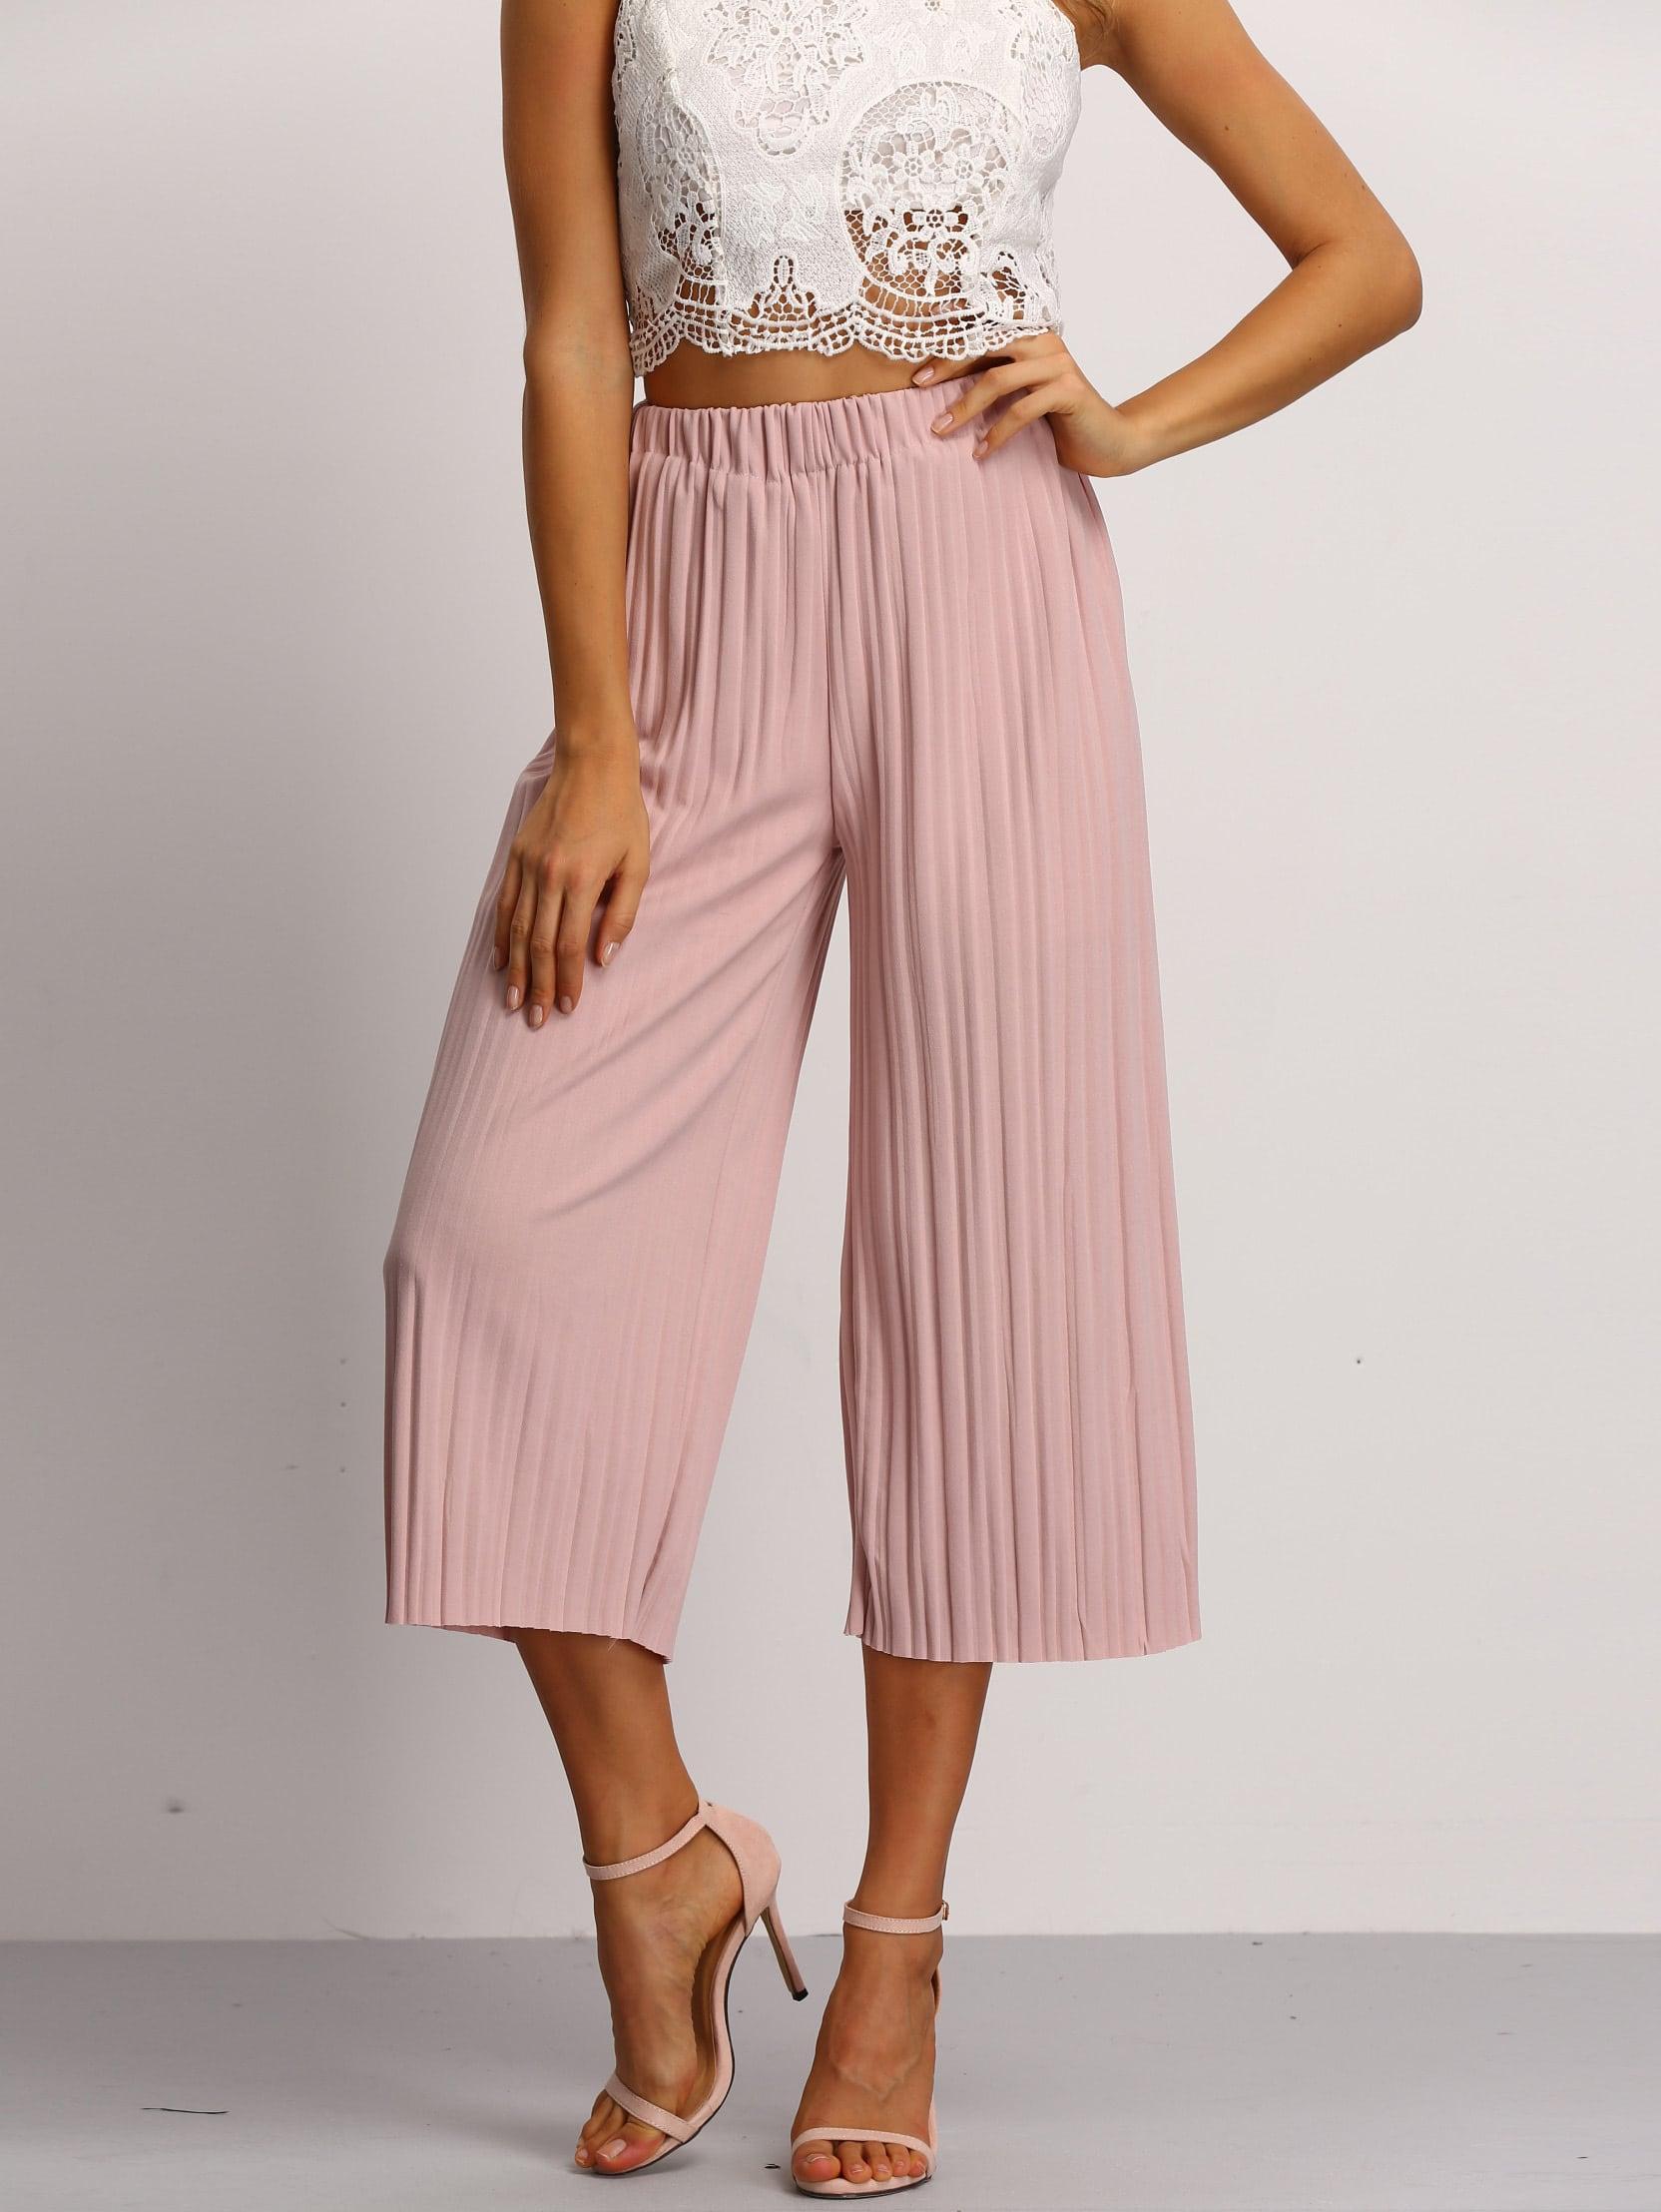 Pink Elastic Waist Pleated PantPink Elastic Waist Pleated Pant<br><br>color: Pink<br>size: one-size